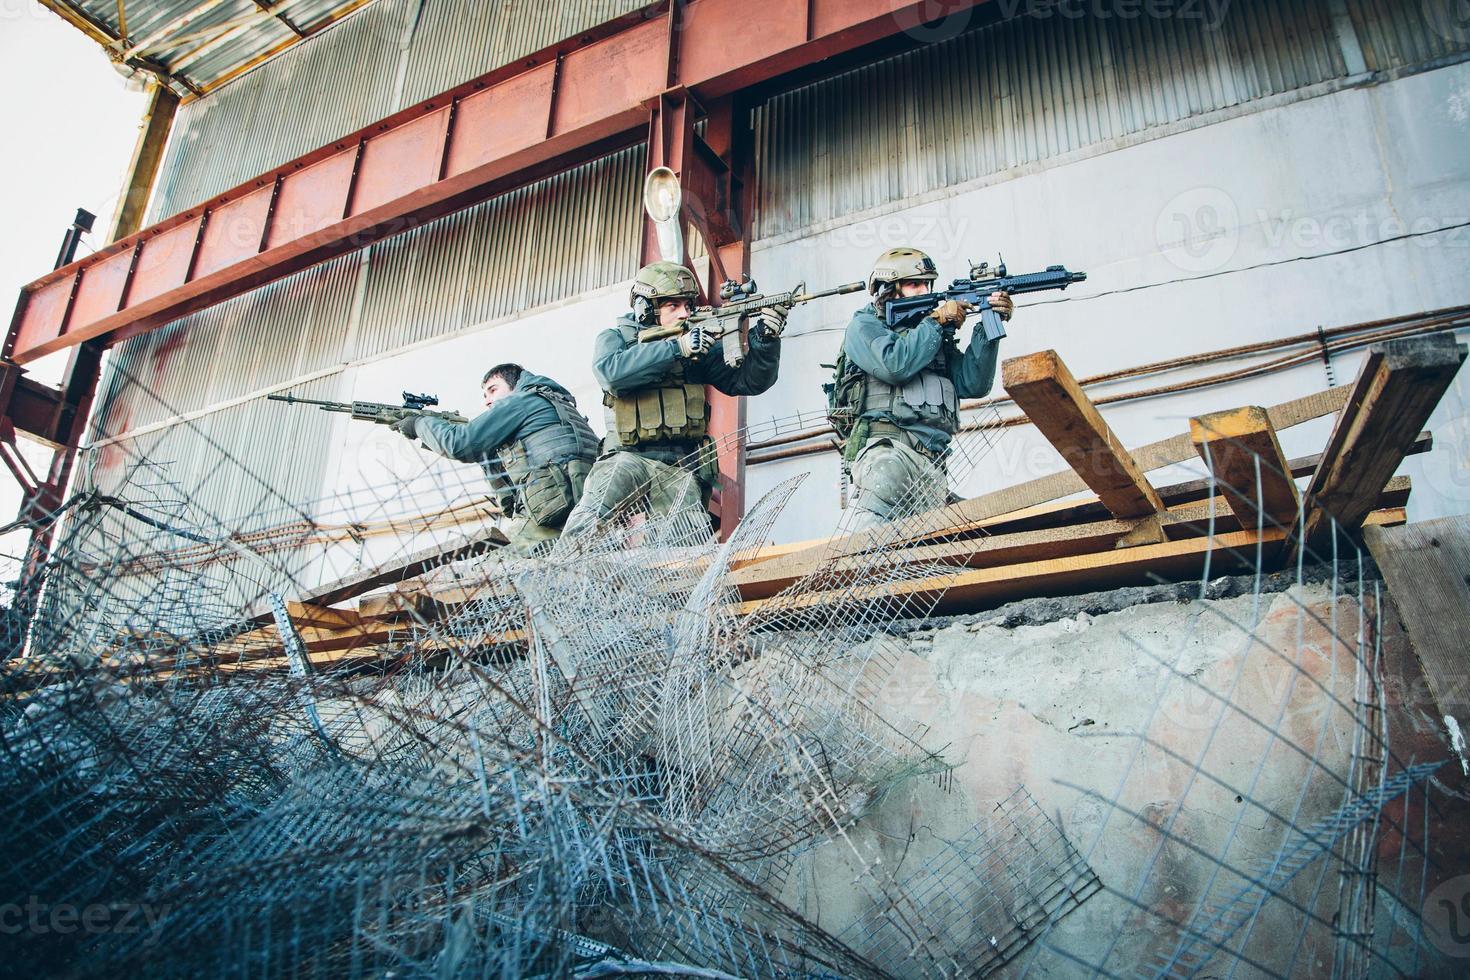 Drei Soldaten befreiten das Gebäude vom Feind foto